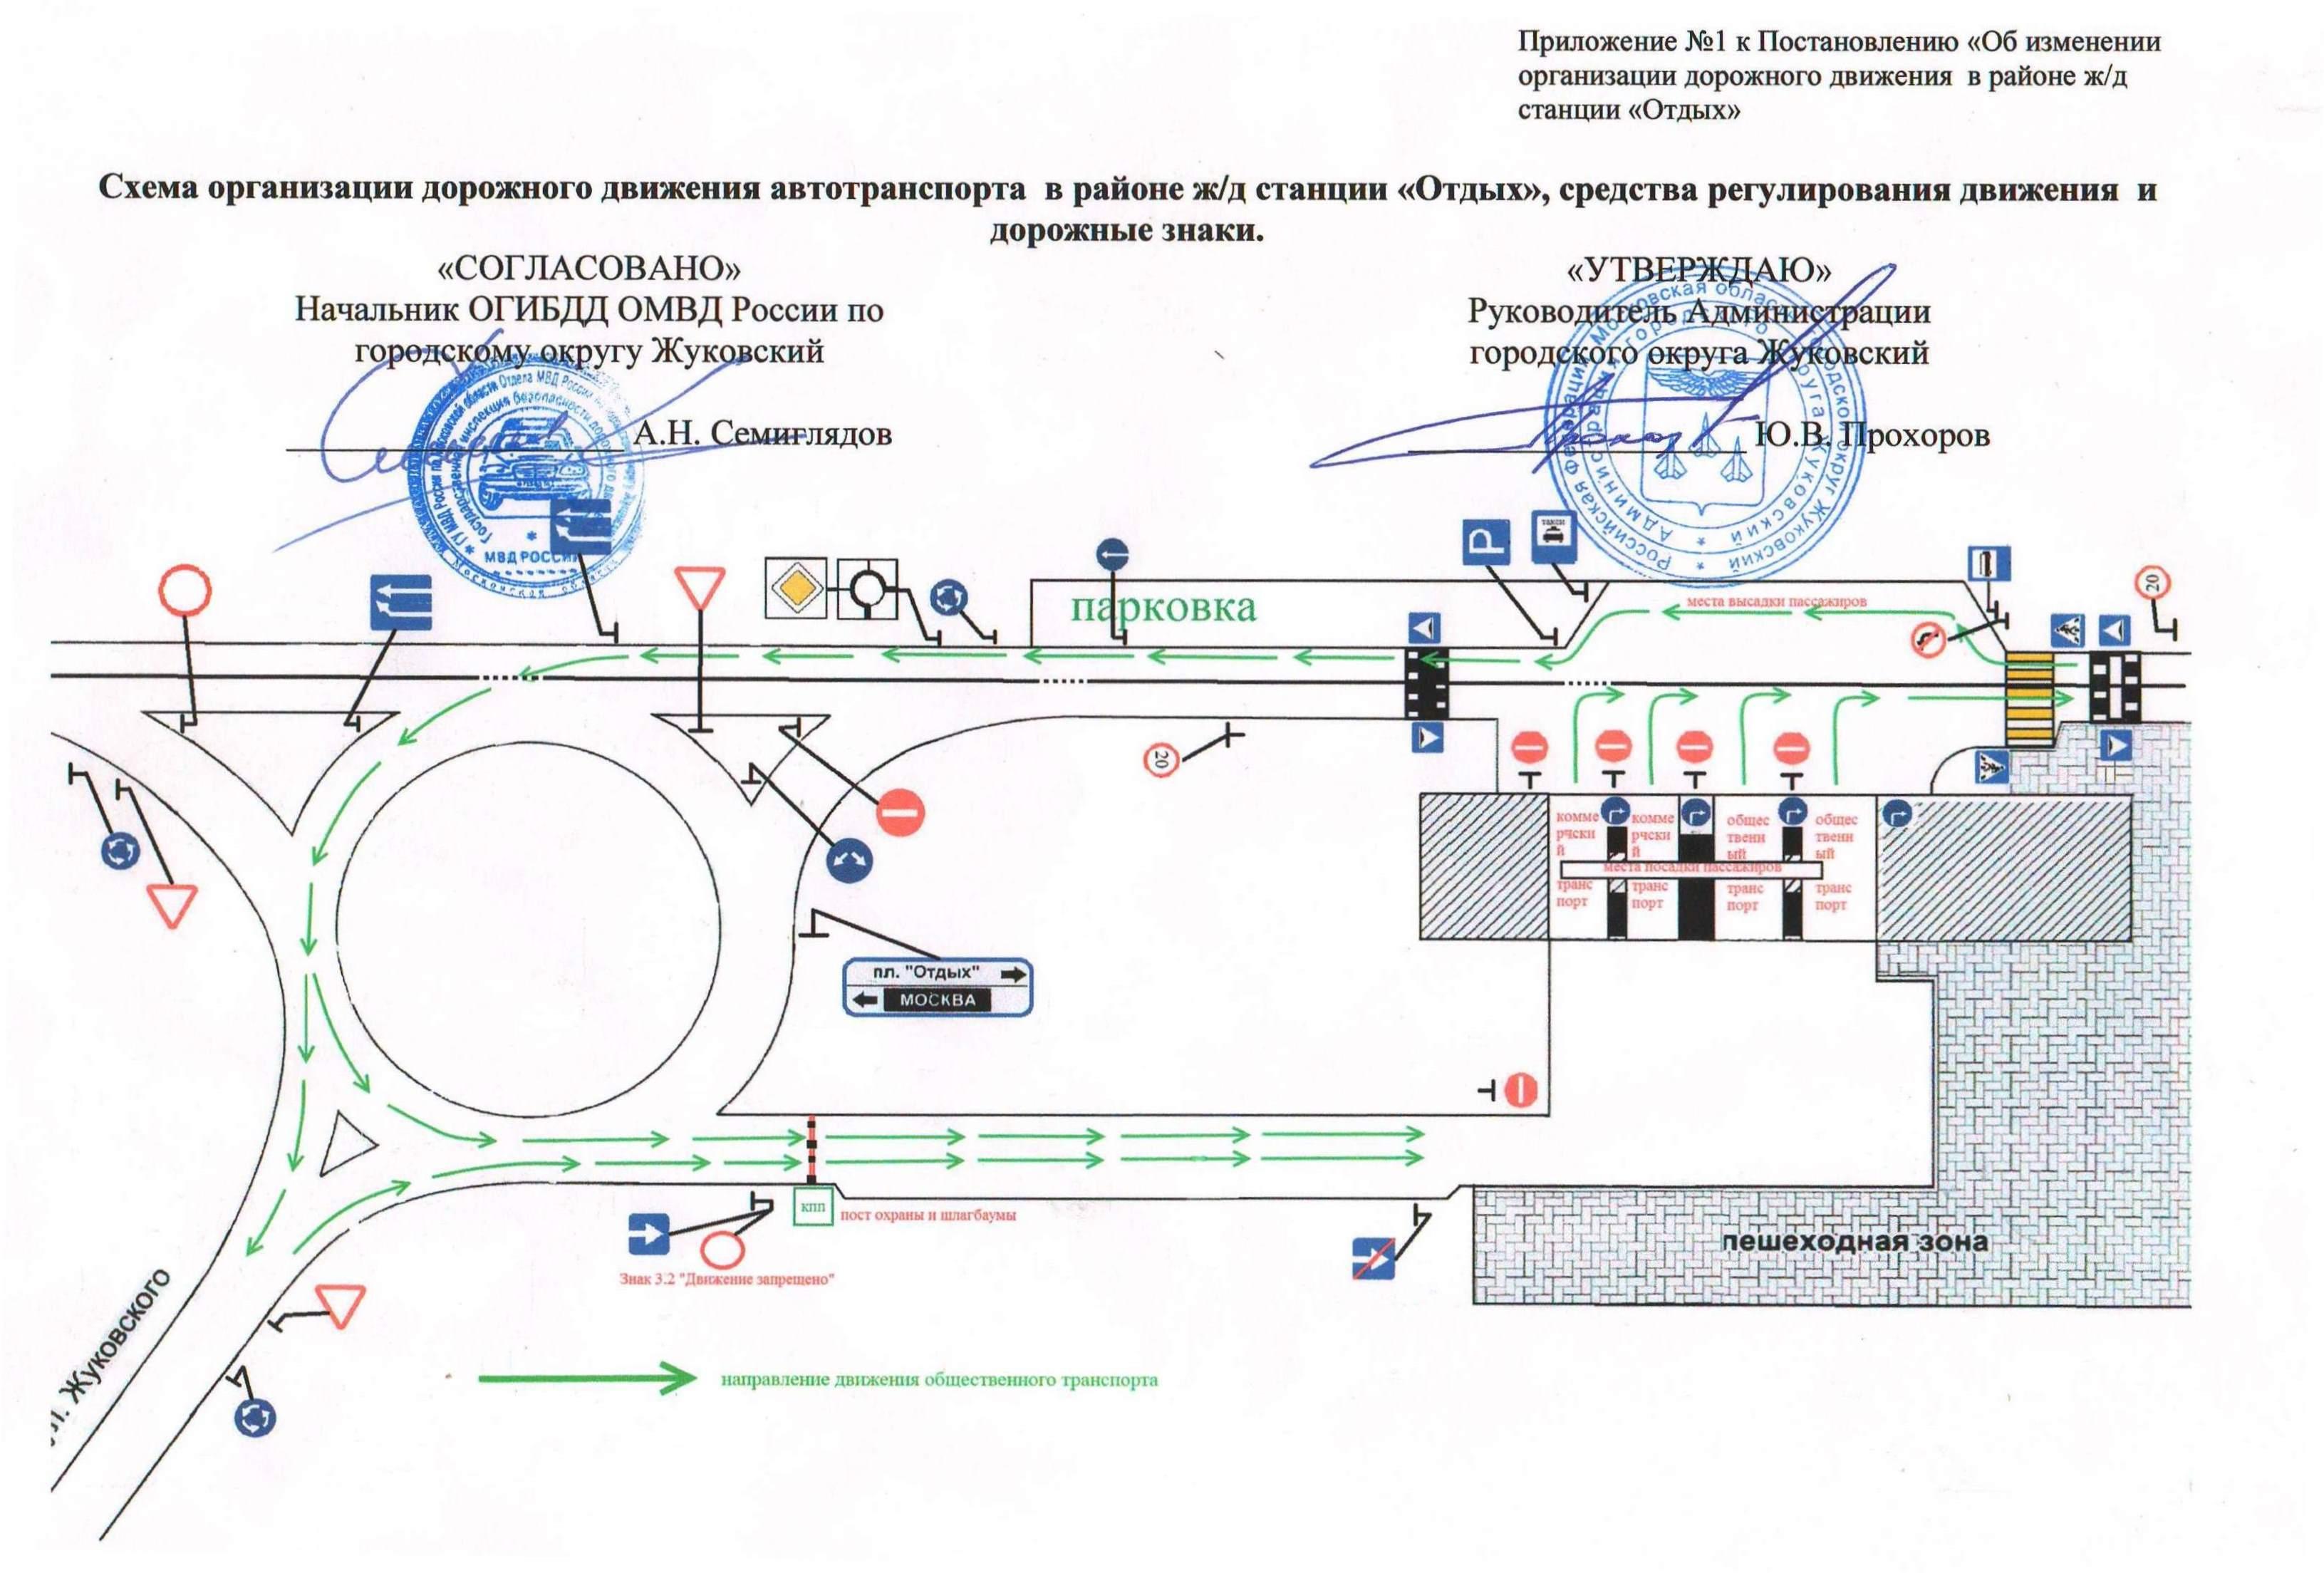 Пример комплексной схемы организации дорожного движения